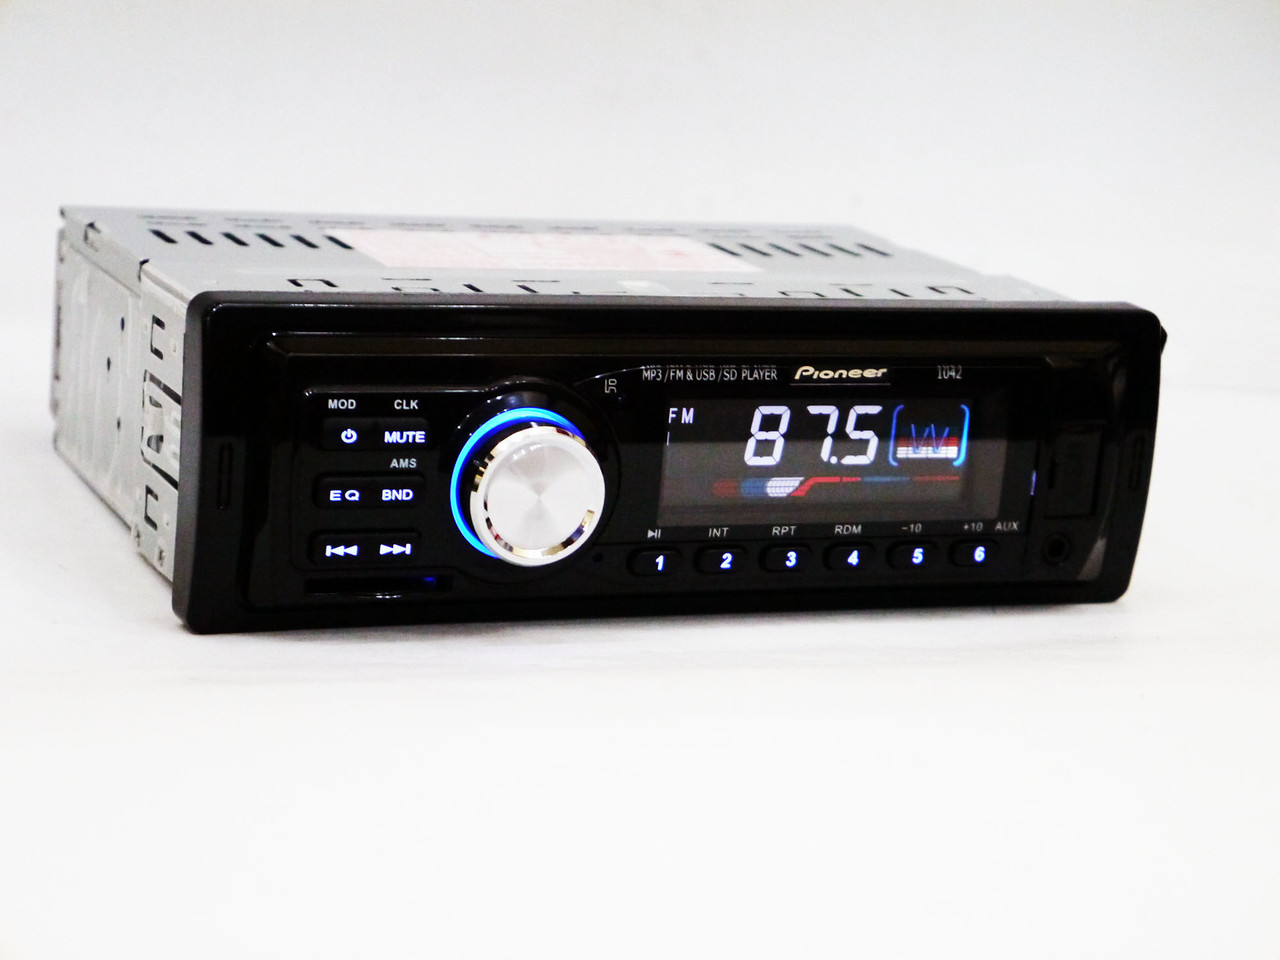 Автомагнитола Pioneer 1042 Usb+Sd+Fm+Aux+ пульт (4x50W)